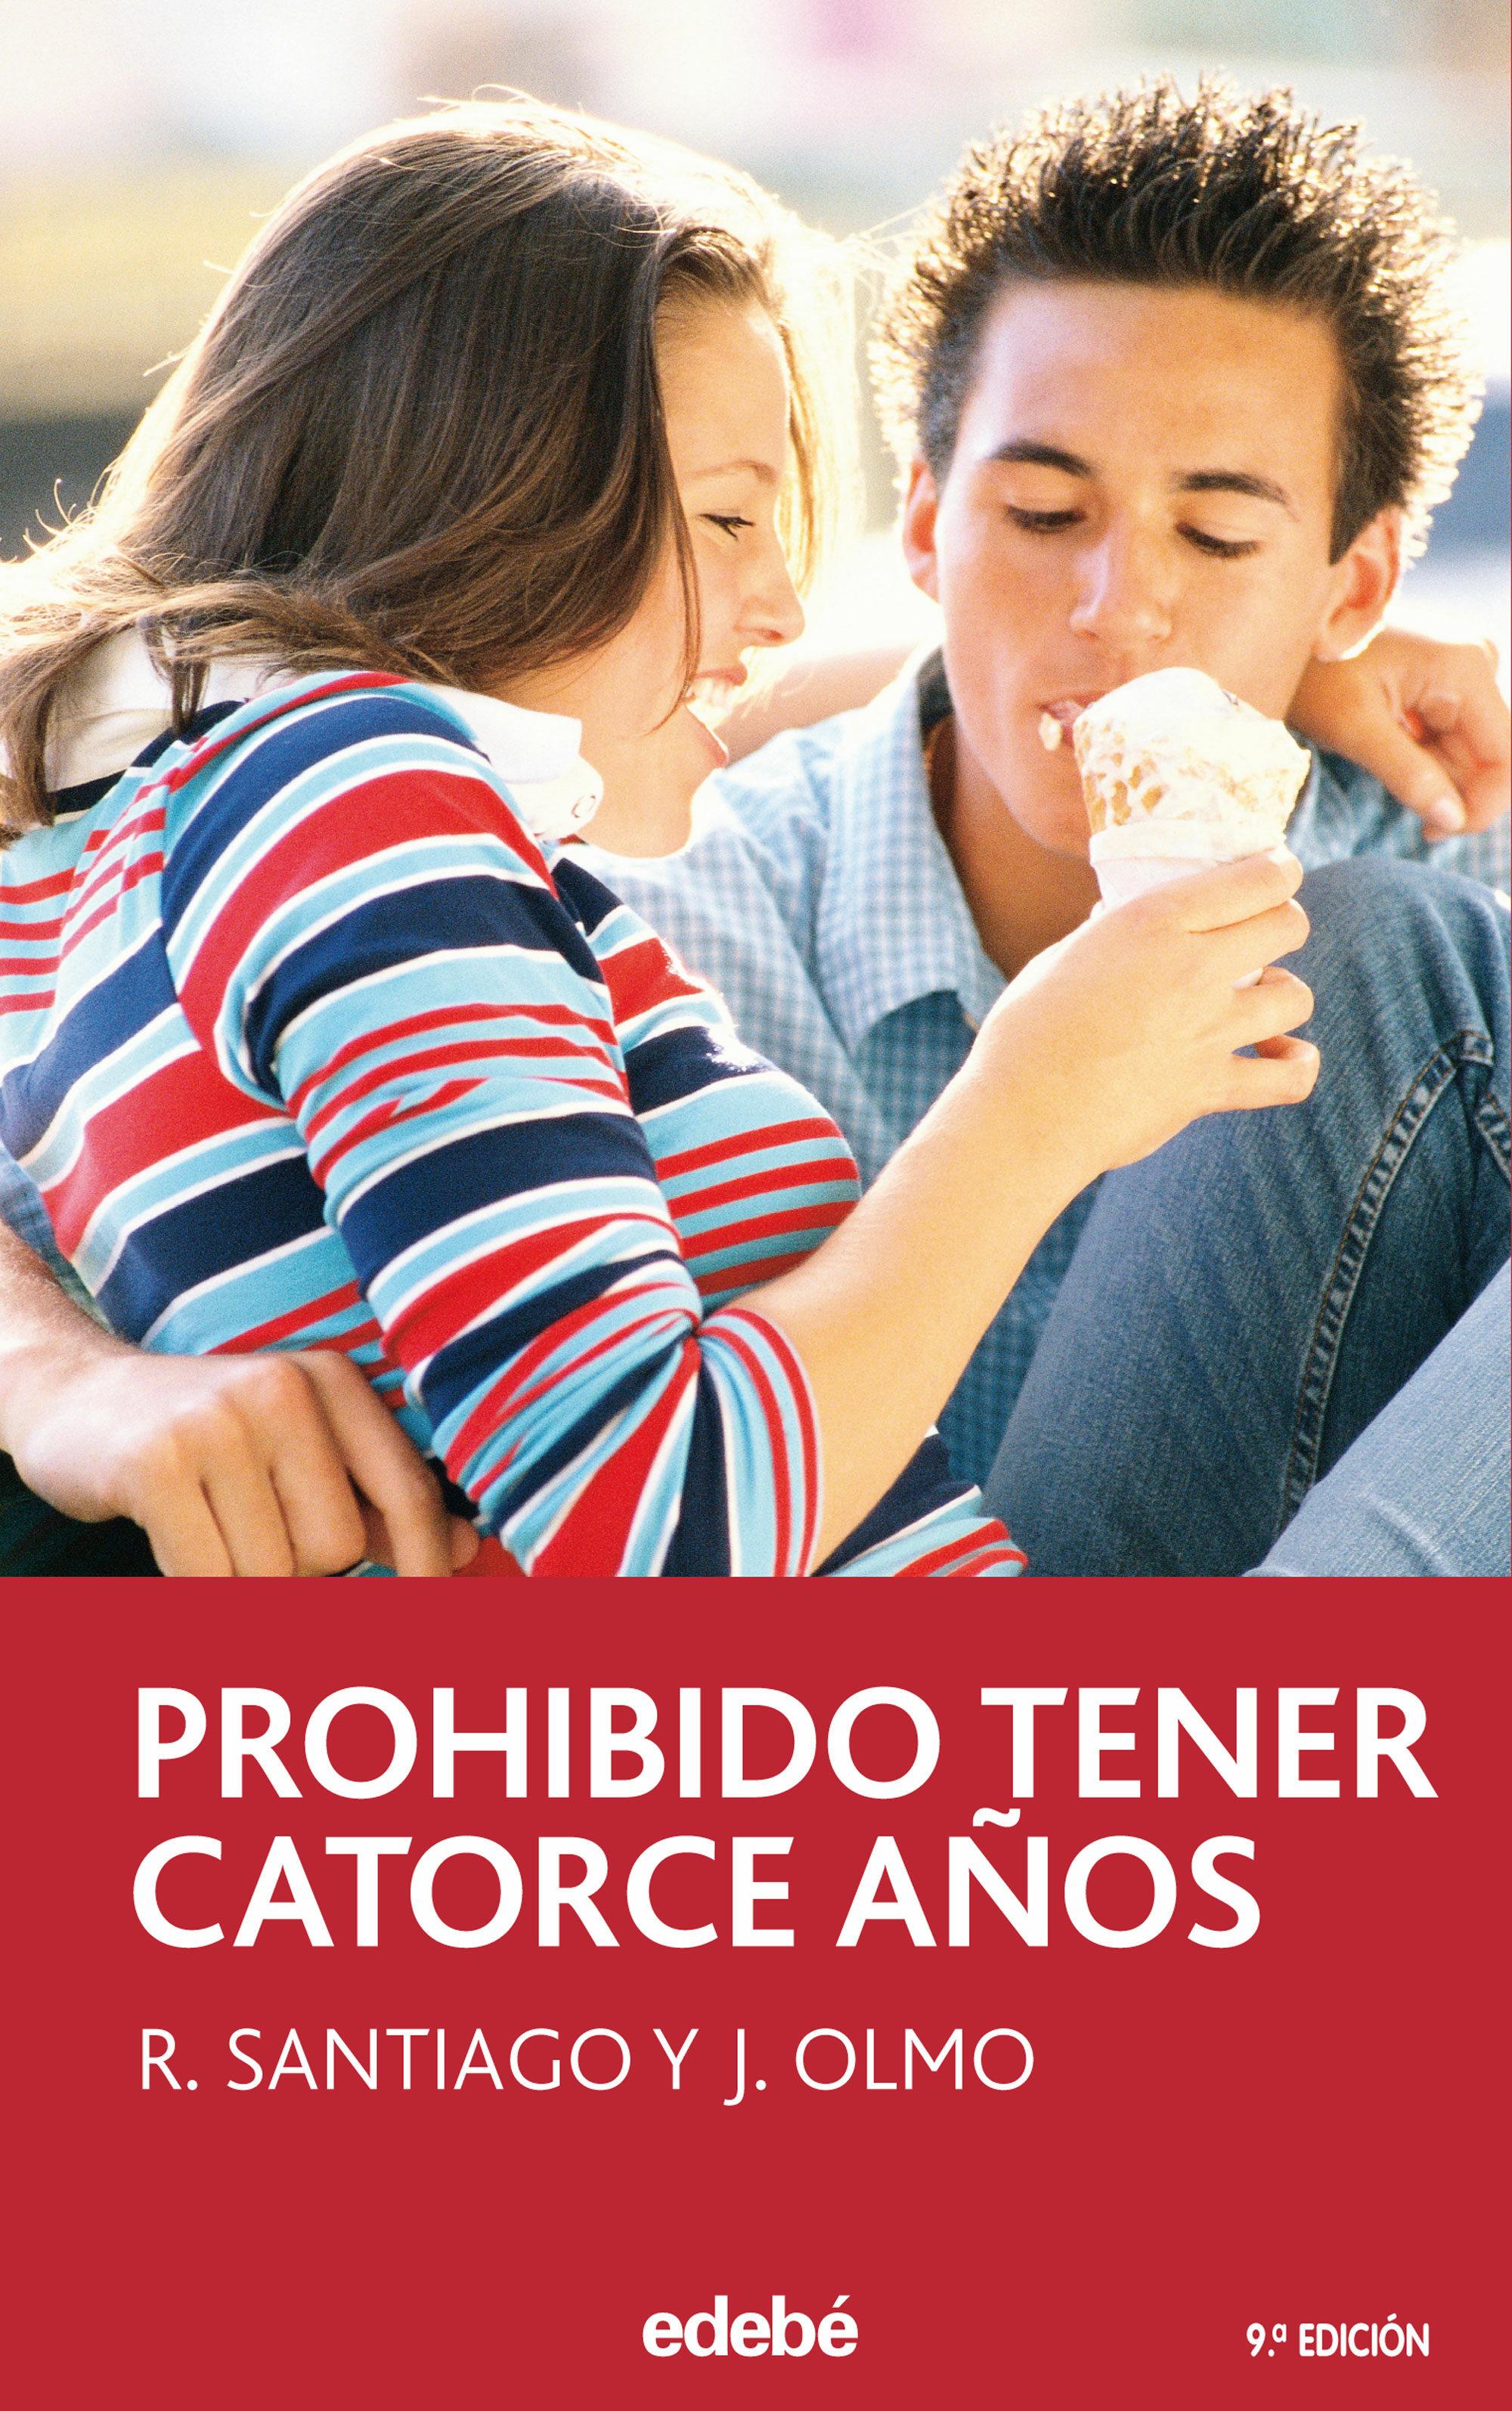 Prohibido Tener 14 Años   por R. Santiago, J. Olmo